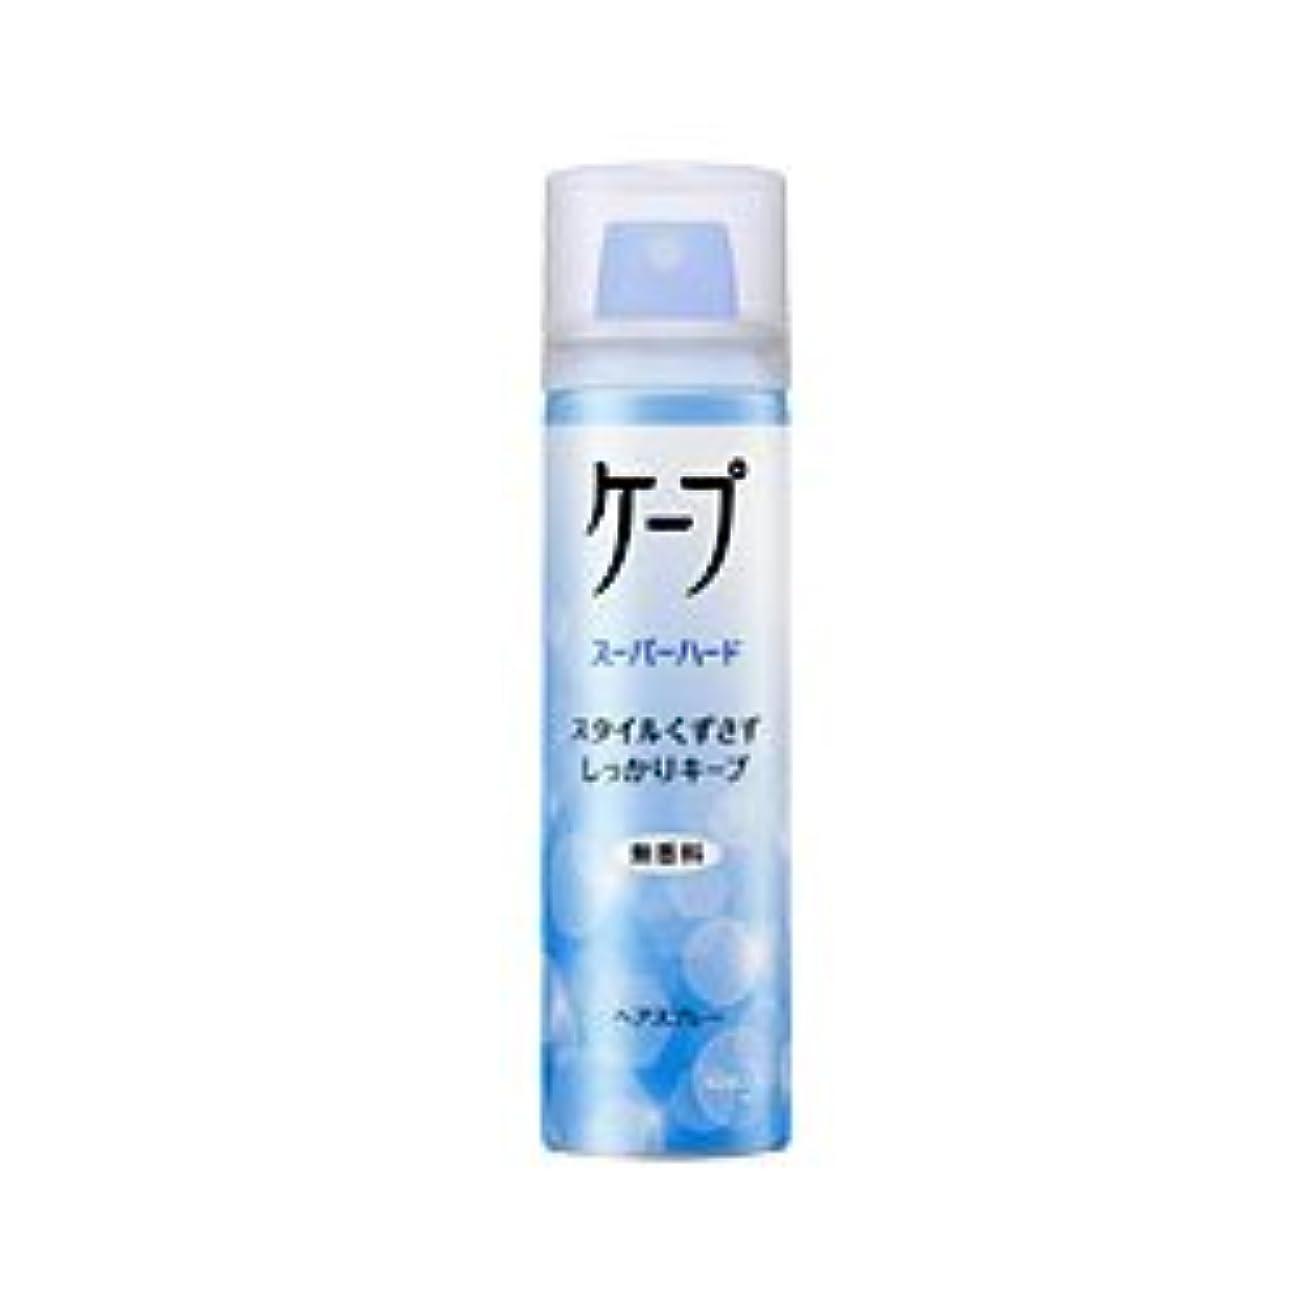 メンター名門ツール【花王】ケープ スーパーハード 無香料 50g ×5個セット